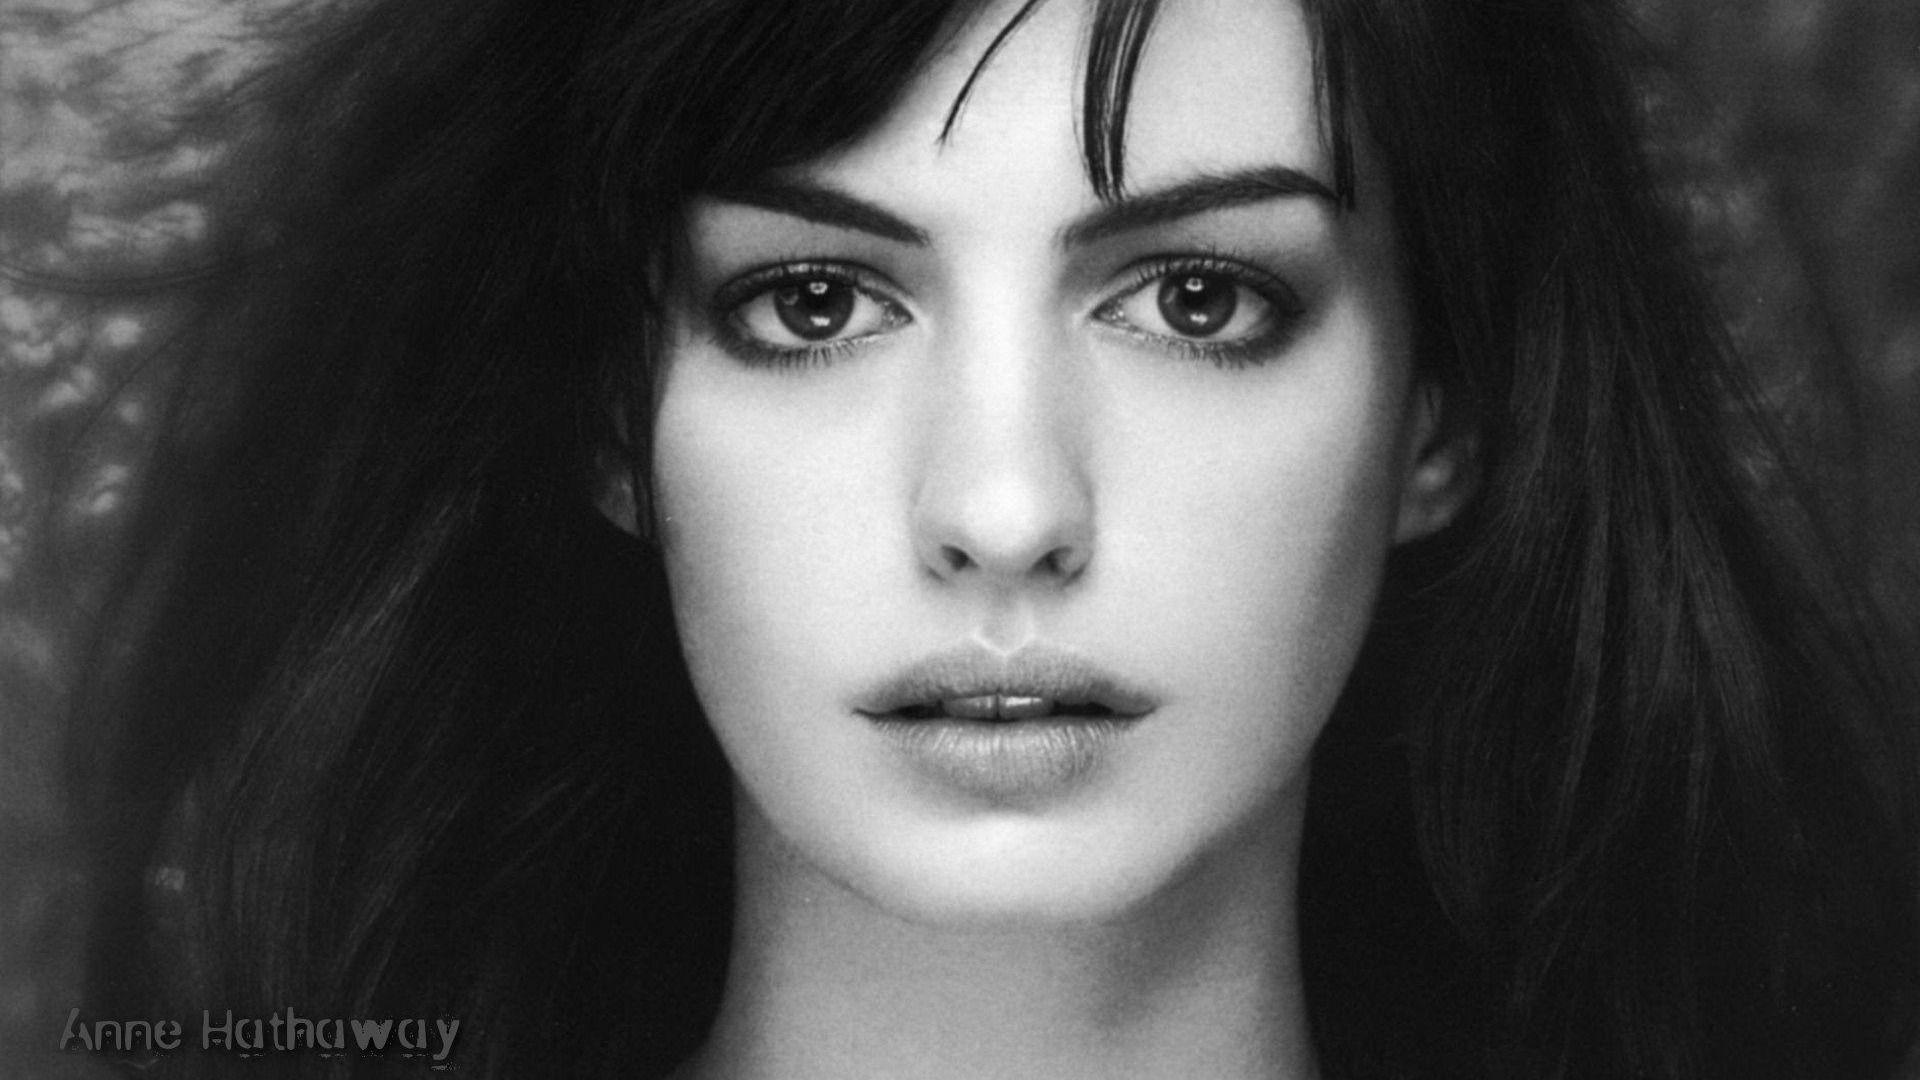 Anne Hathaway Background